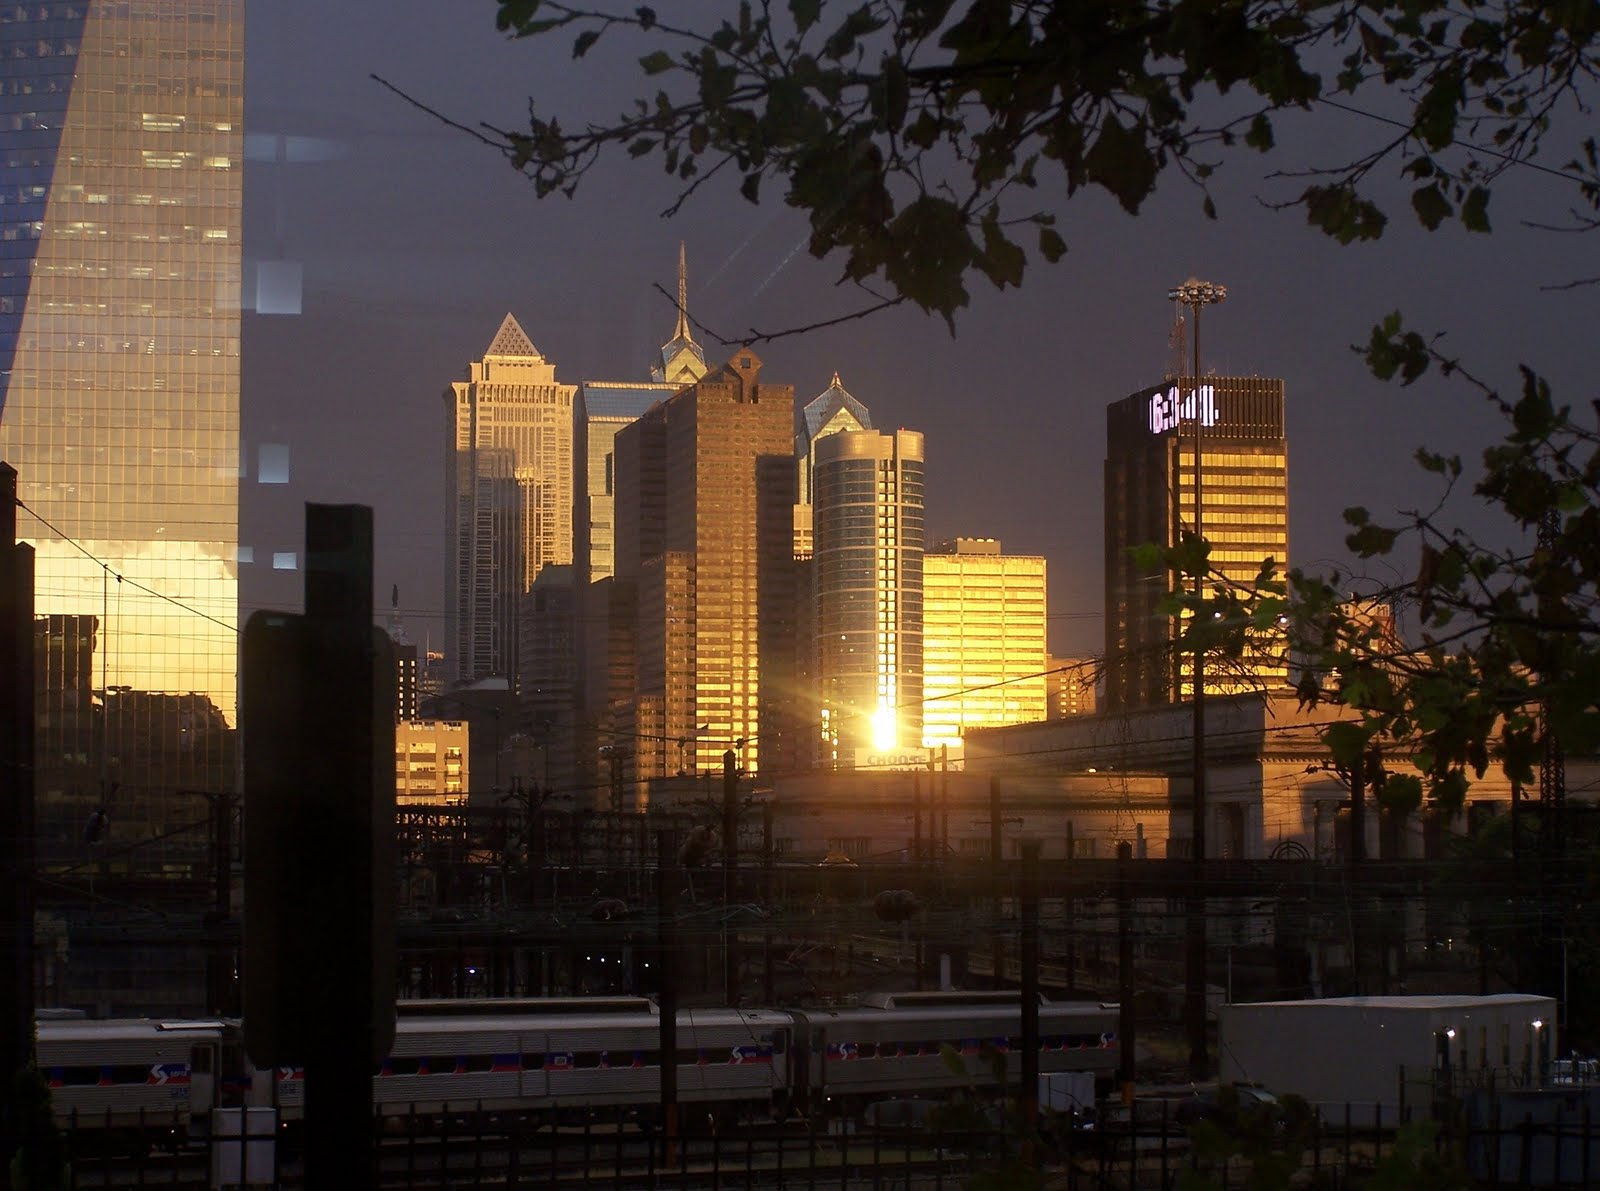 http://4.bp.blogspot.com/_gyPHkN_Cj9g/TUouyCgsnuI/AAAAAAAAB20/aWYgw3dQHUw/s1600/Beautiful+Philadelphia+Too.jpg